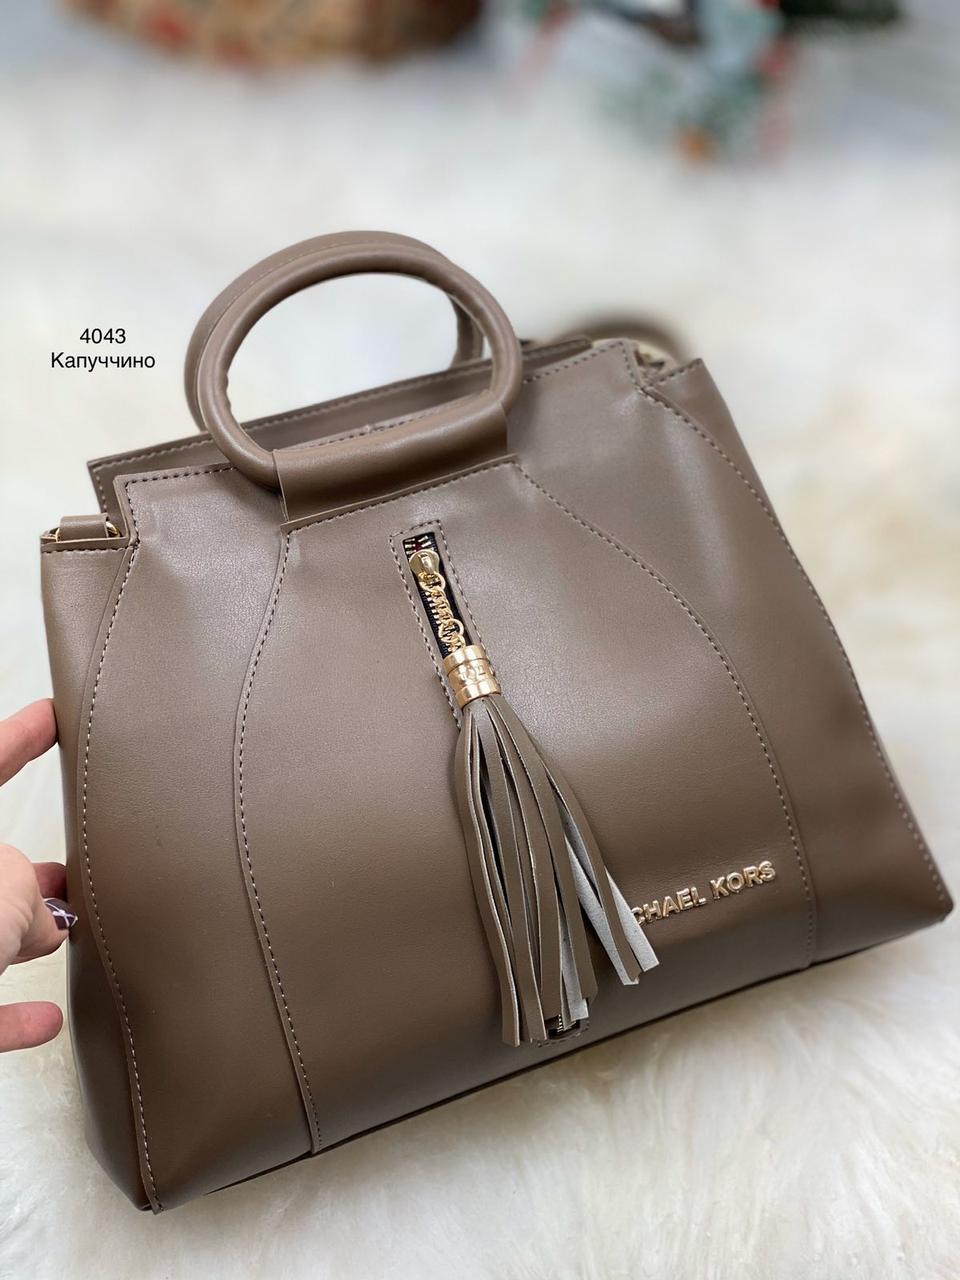 Женская сумка трапеция классическая деловая модная молодежная сумочка капучино экокожа